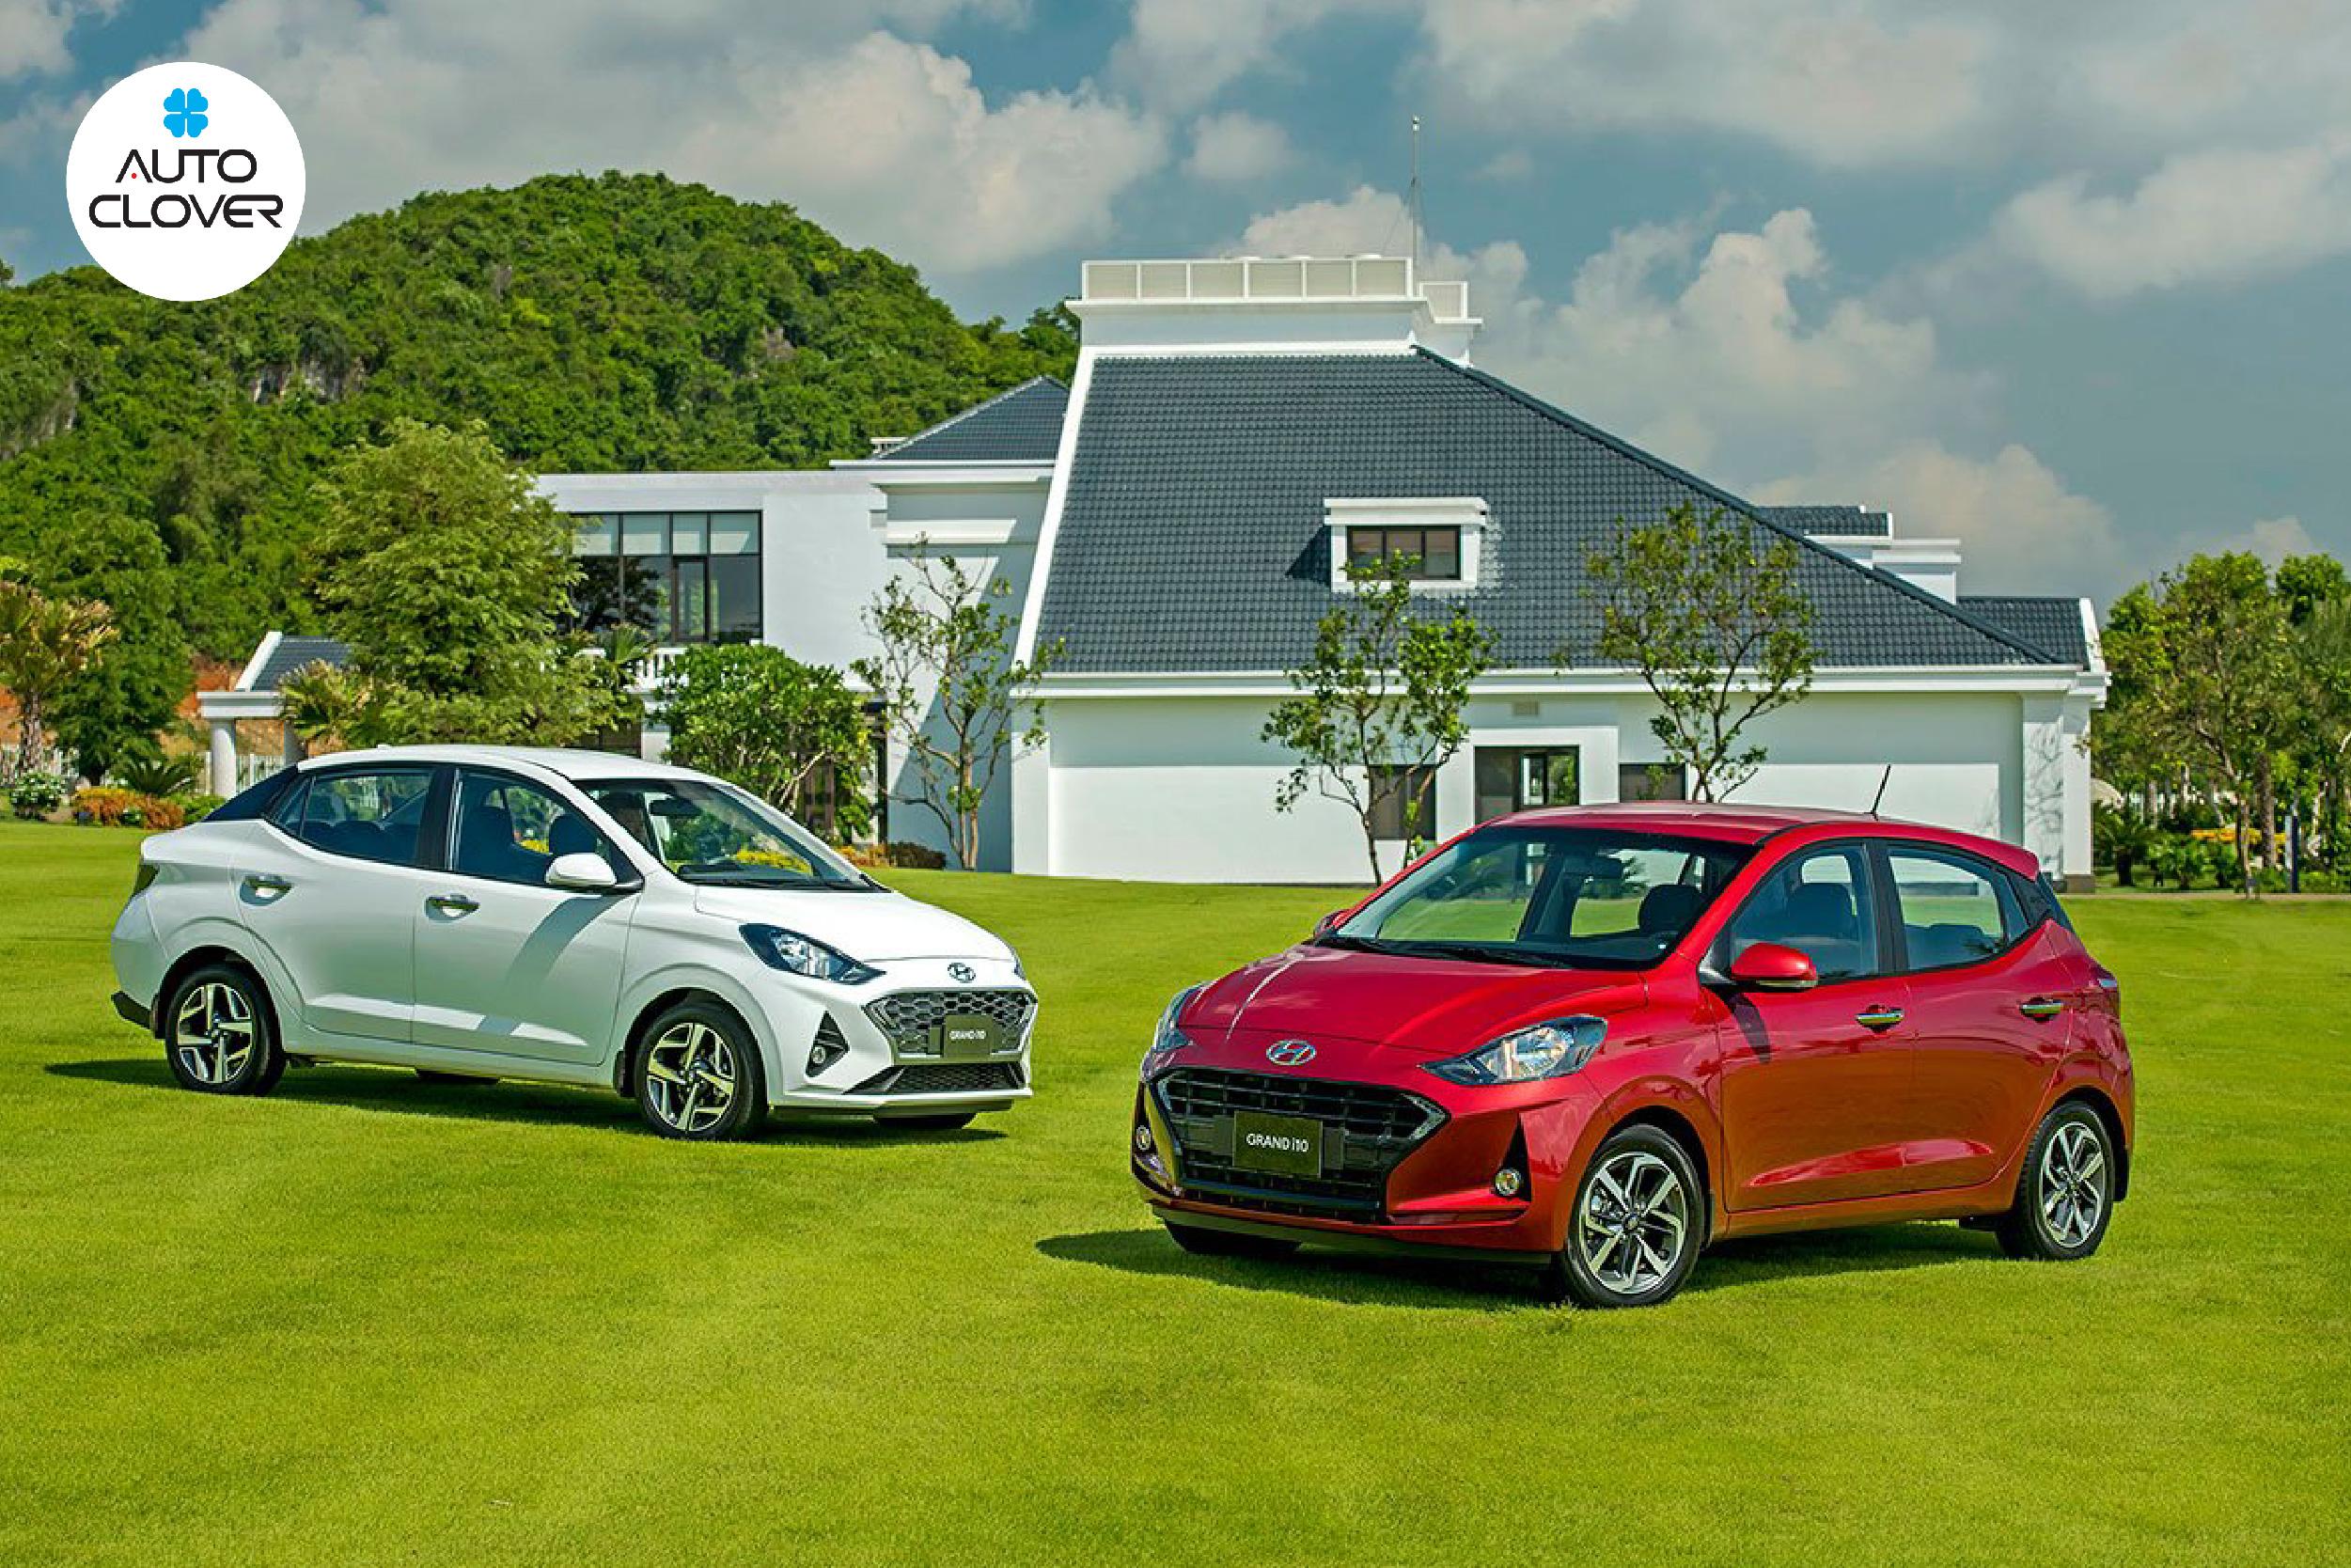 Xe hơi mới - Hyundai Grand i10 đang được nhiều người chơi xe hơi quan tâm